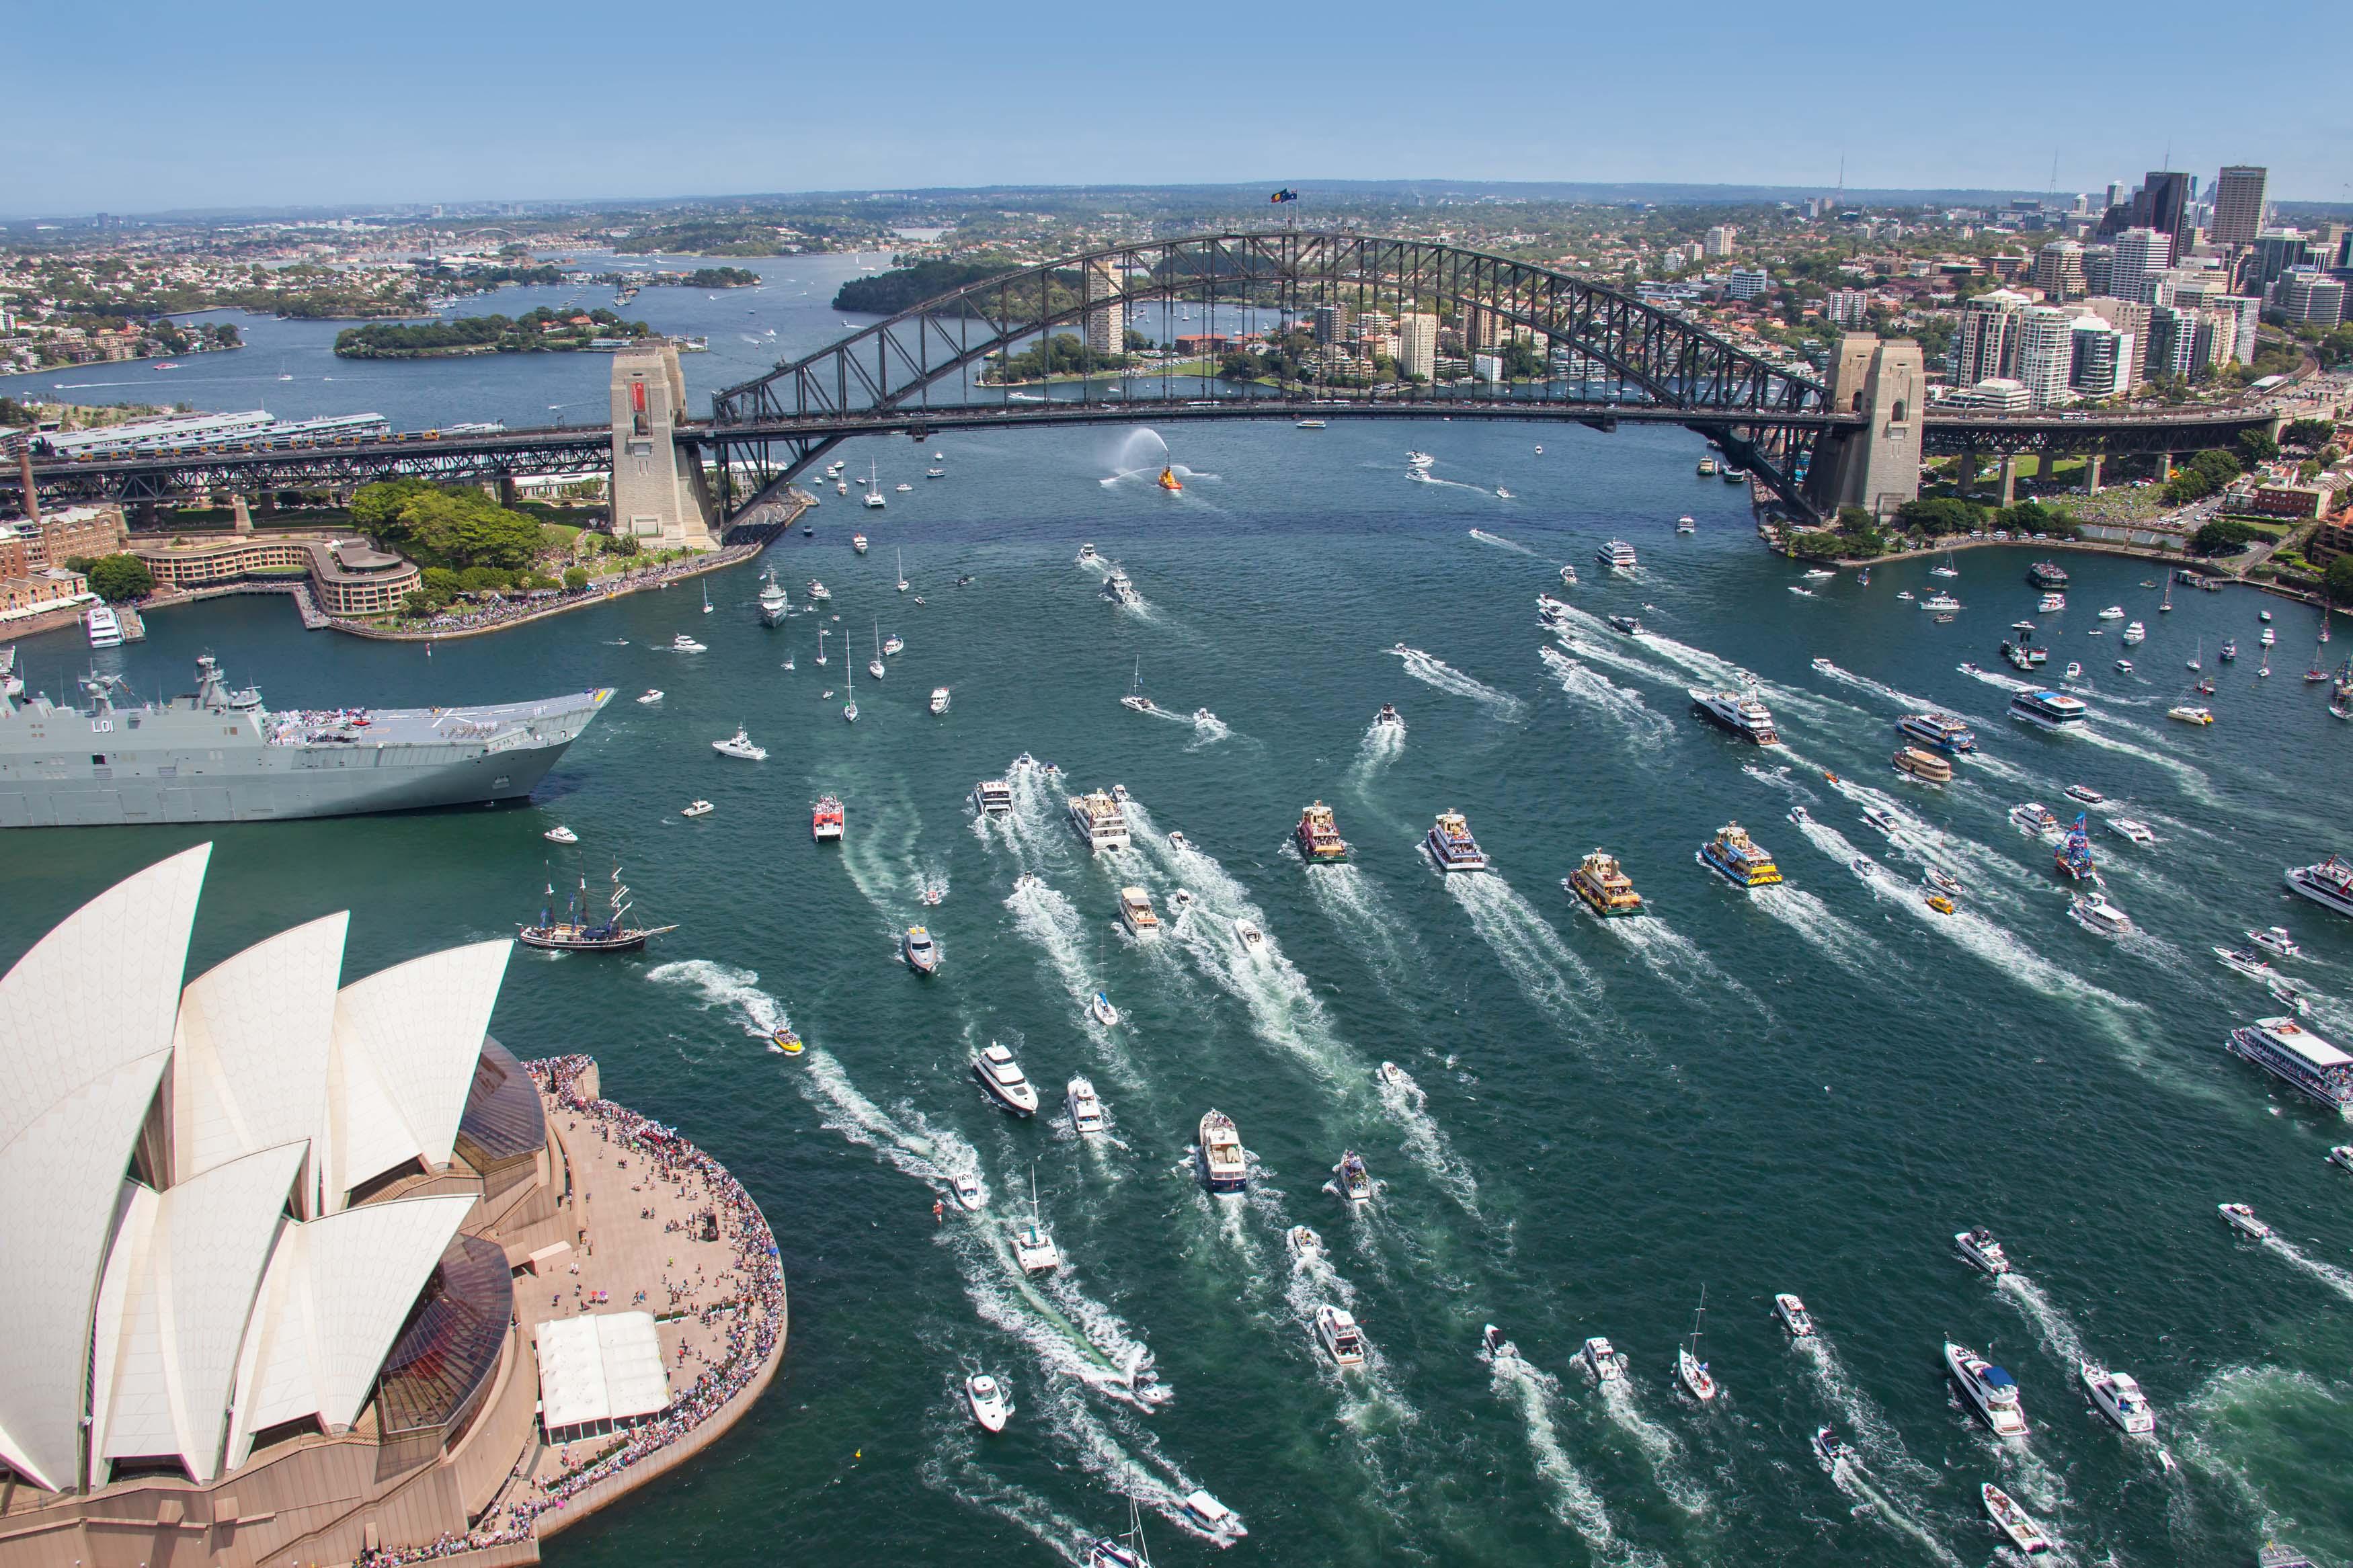 استرالیا دومین کشور ثروتمند جهان | صدای استرالیا